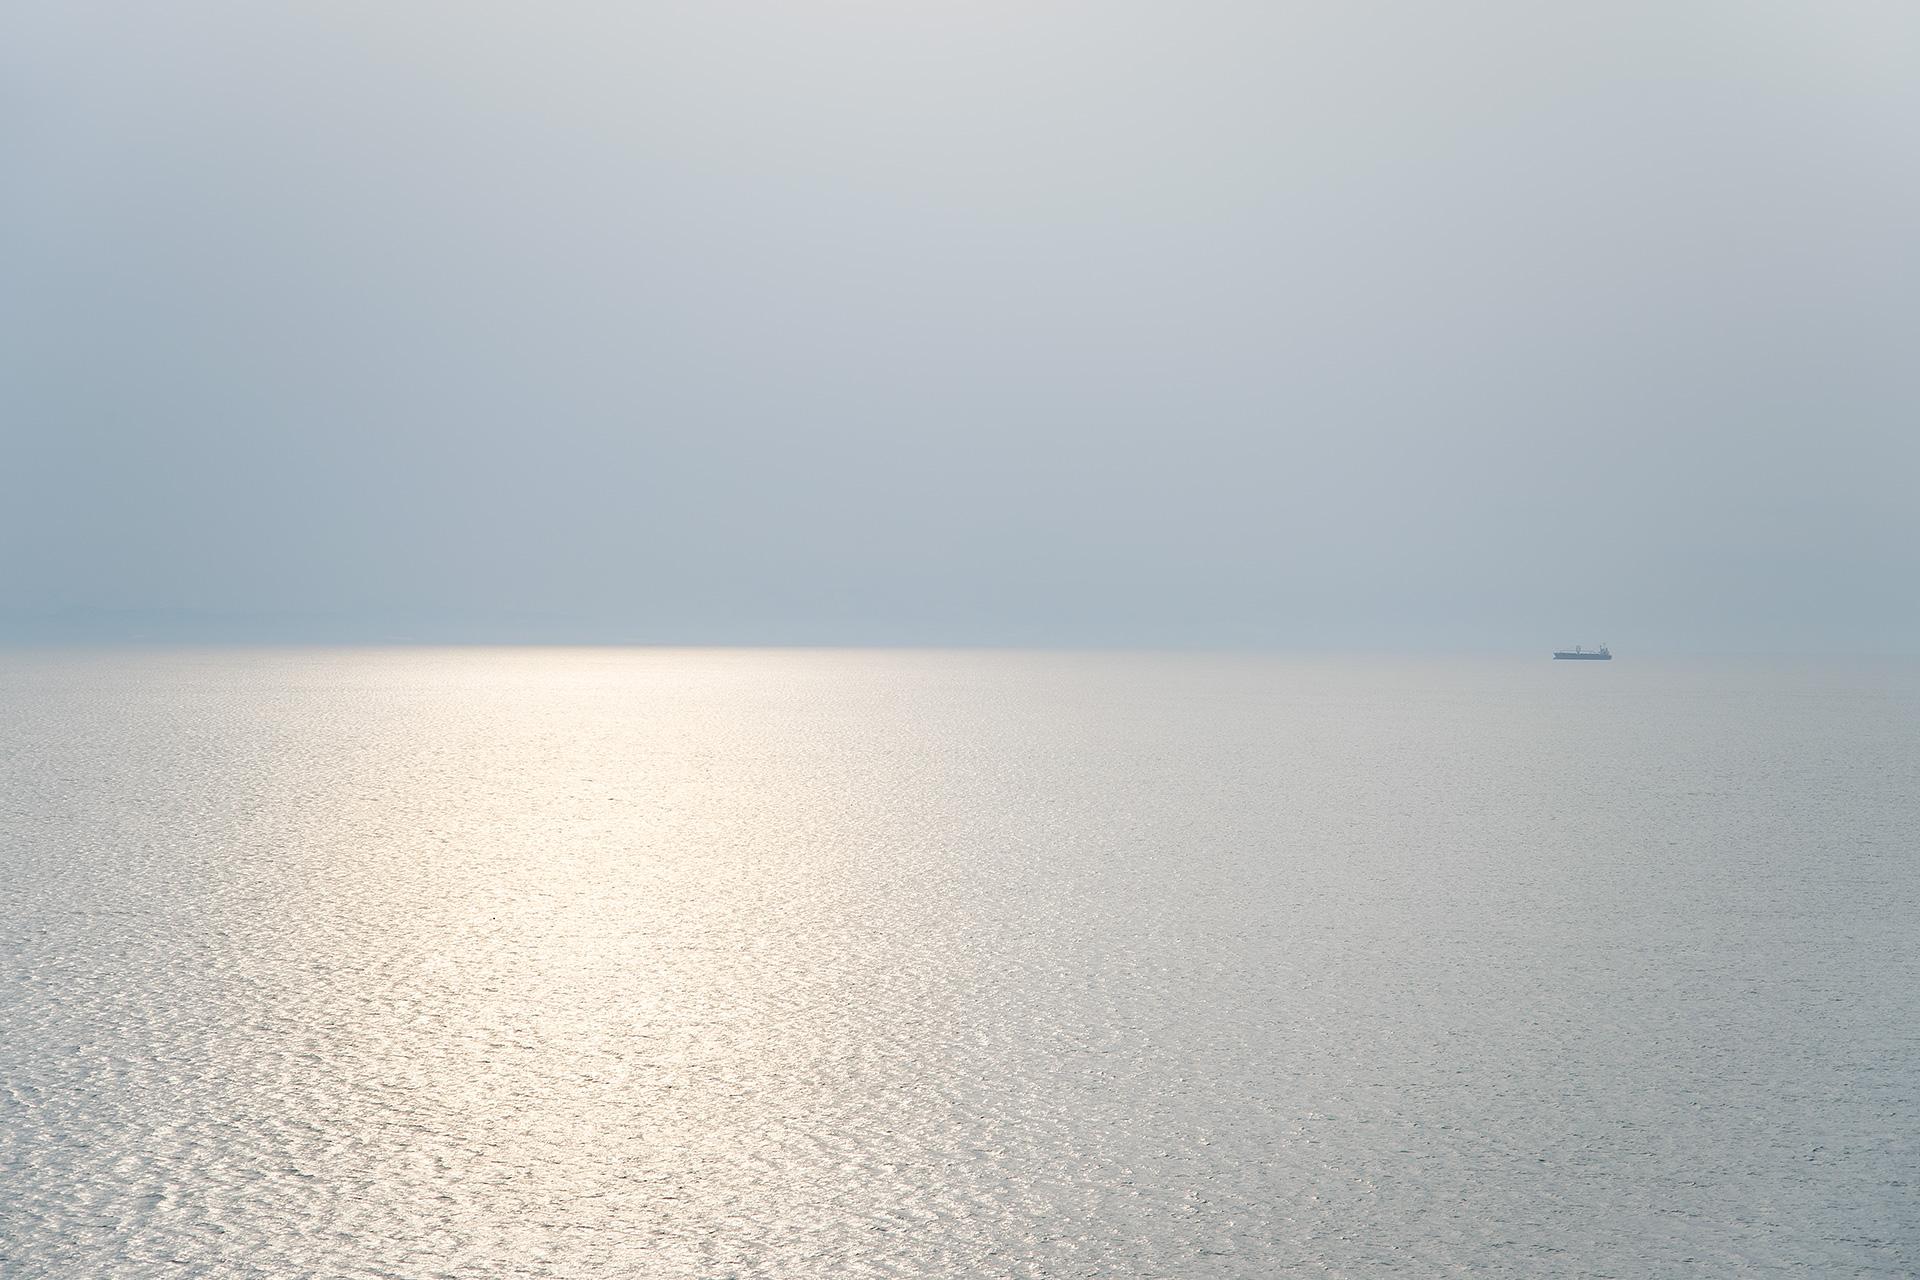 作品紹介 / 宮崎真梨恵『空と海の境 / Line between the Sky and the Sea』